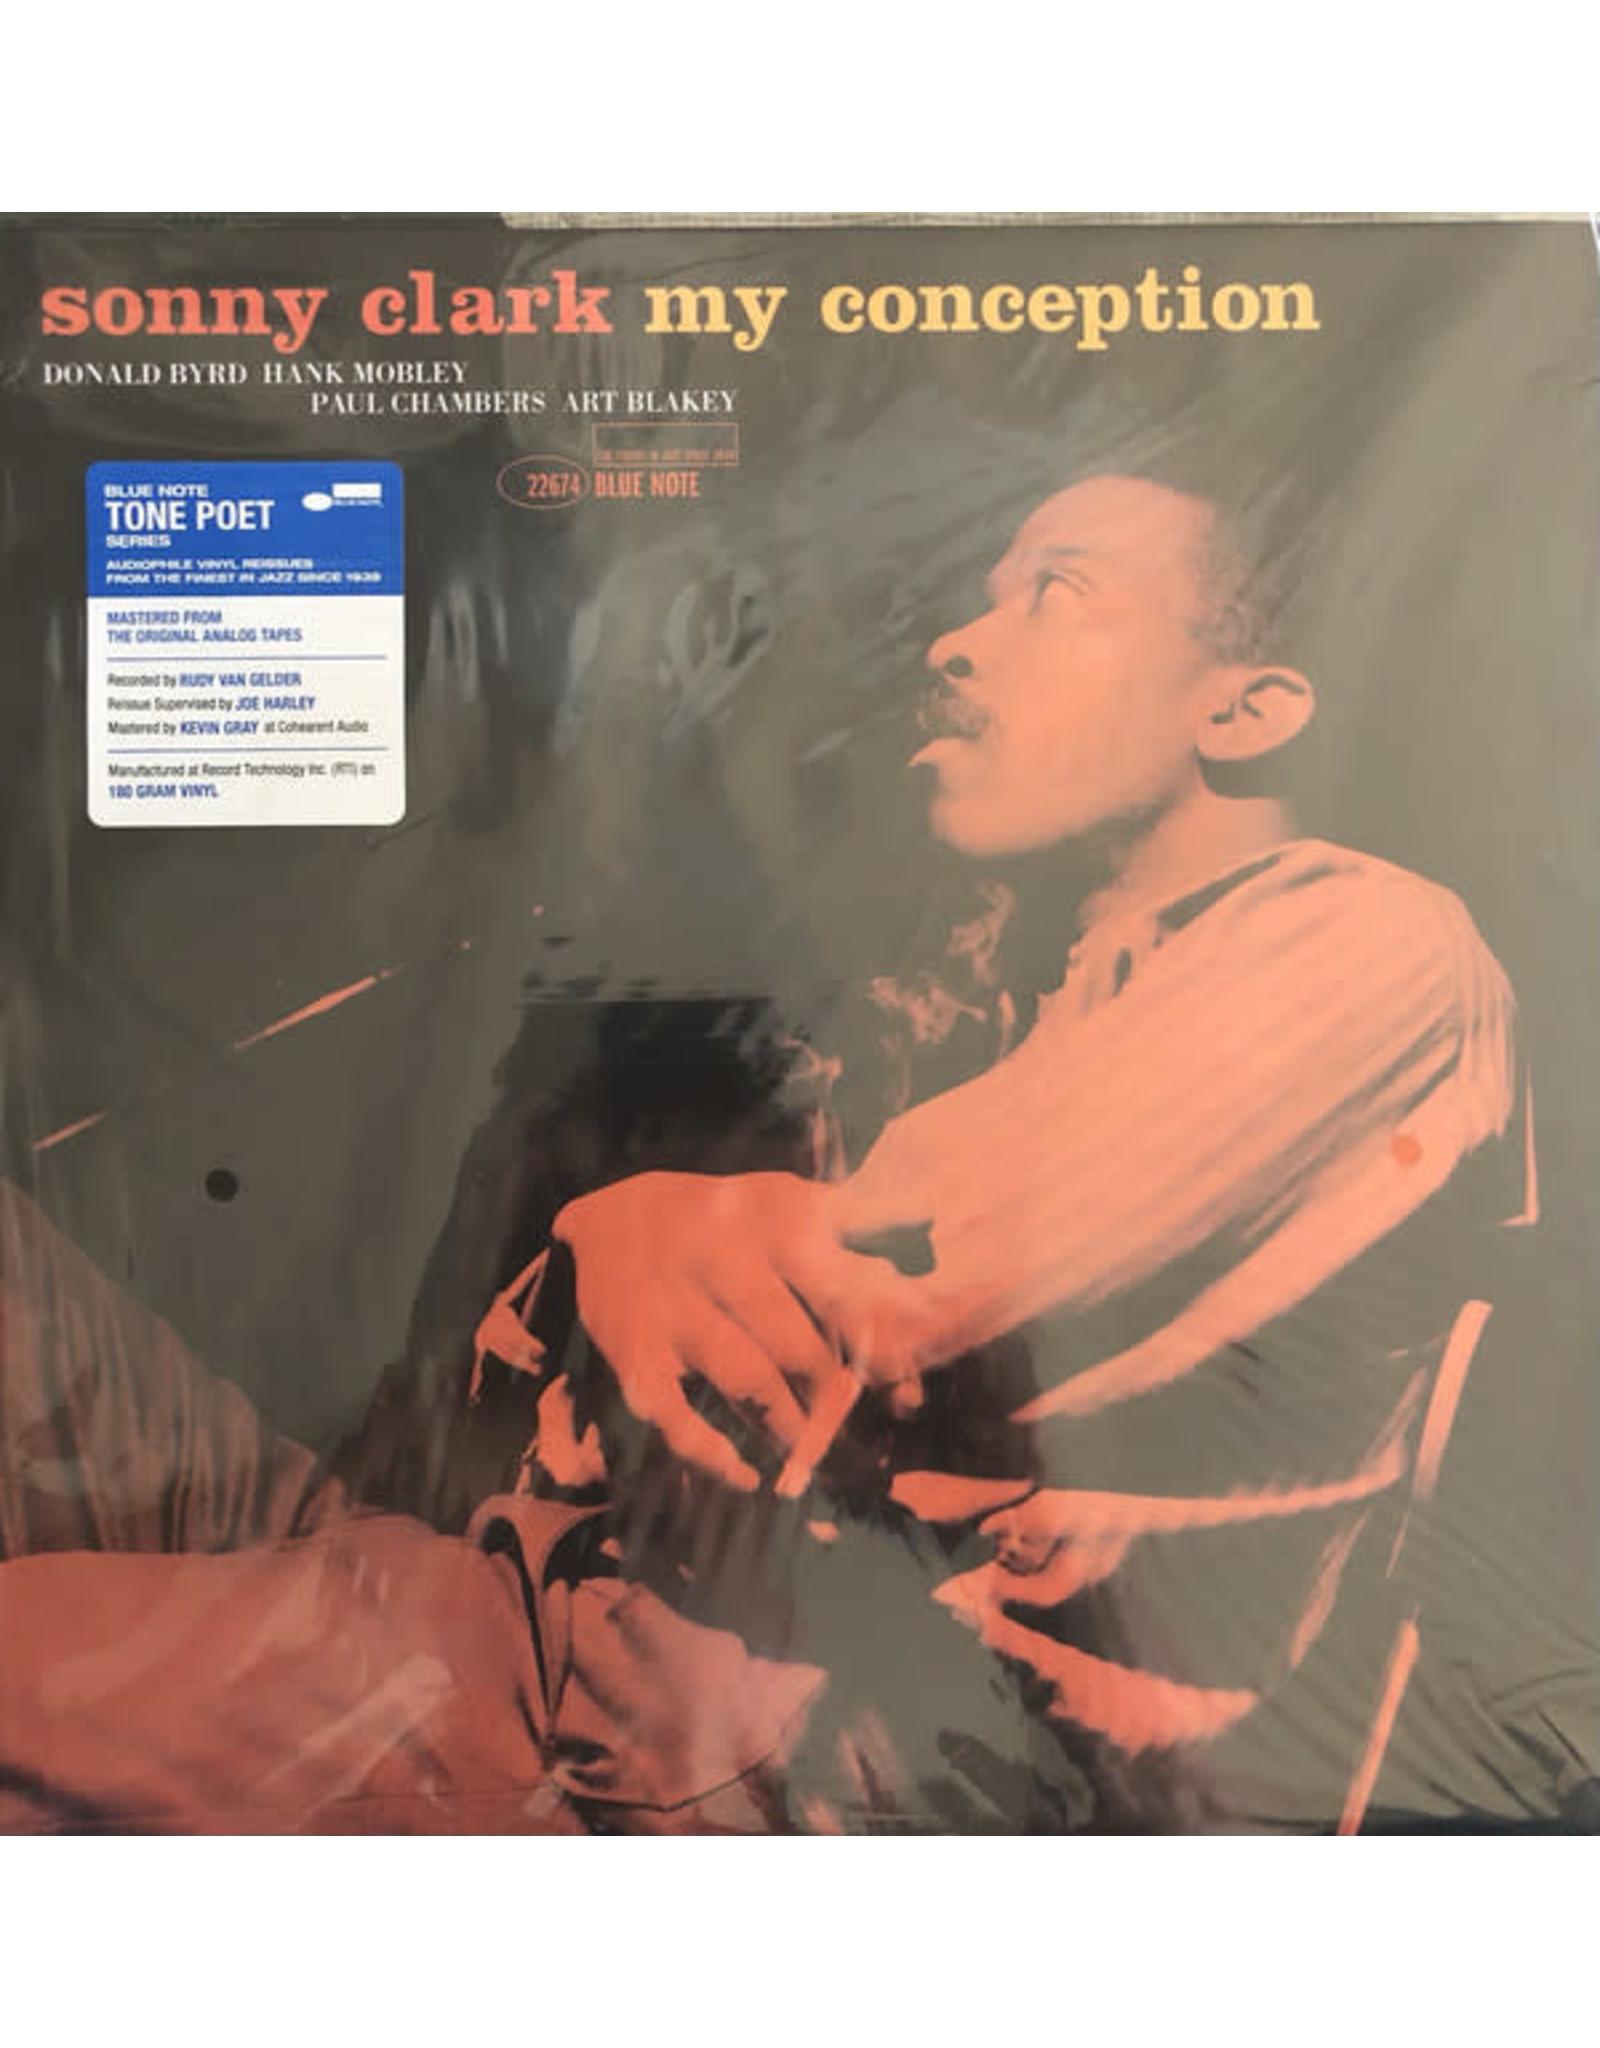 Clark, Sonny - My Conception LP (Tone Poet)